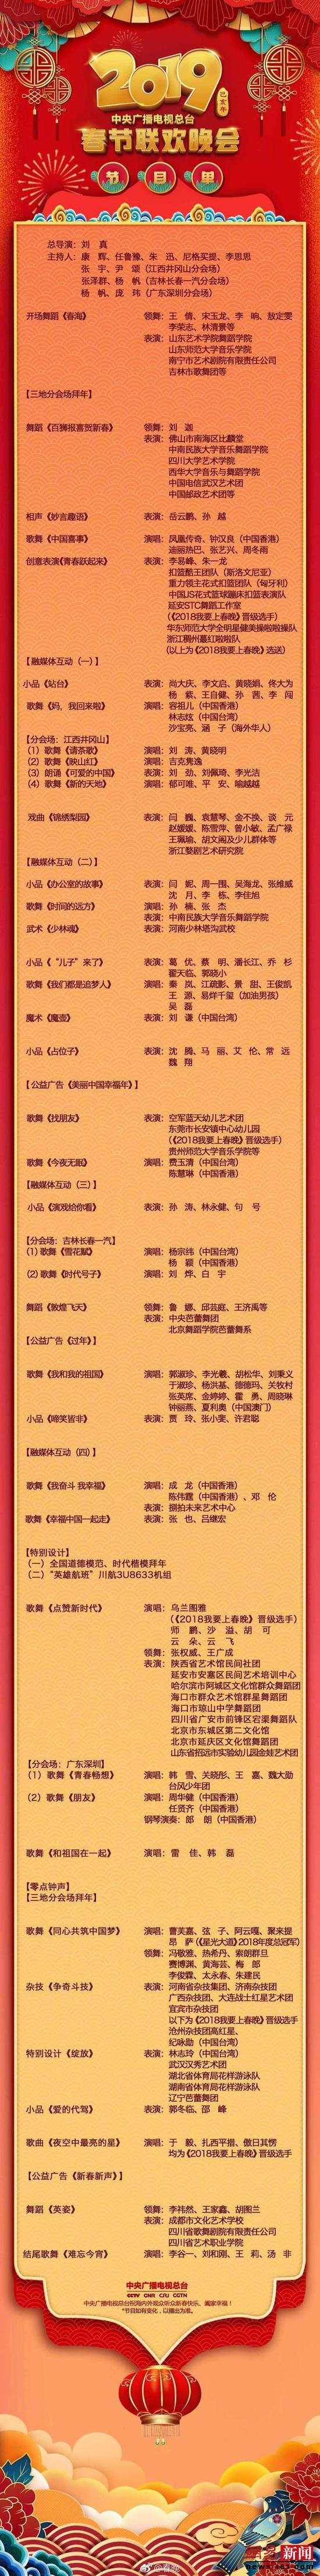 2019央视春晚节目单公布,先睹为快